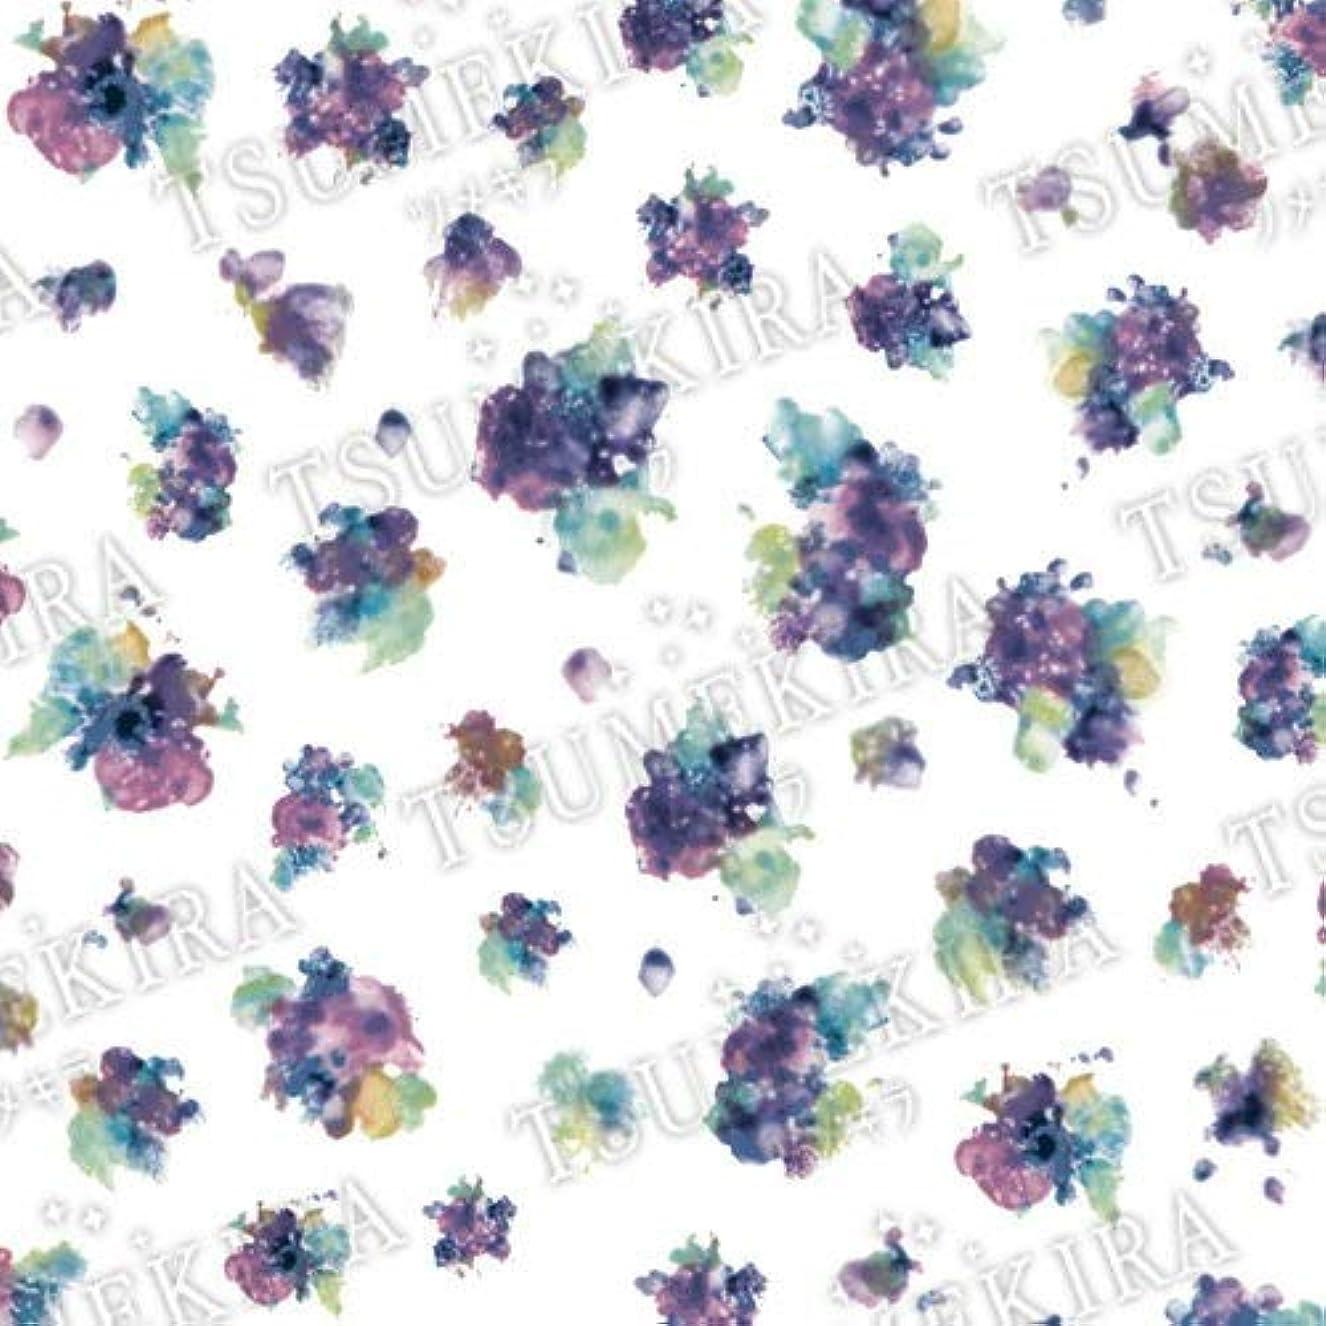 ソフトウェアマンハッタン叱るTSUMEKIRA(ツメキラ) ネイルシール mi-miプロデュース1 Bouquet Bleu NN-MIM-103